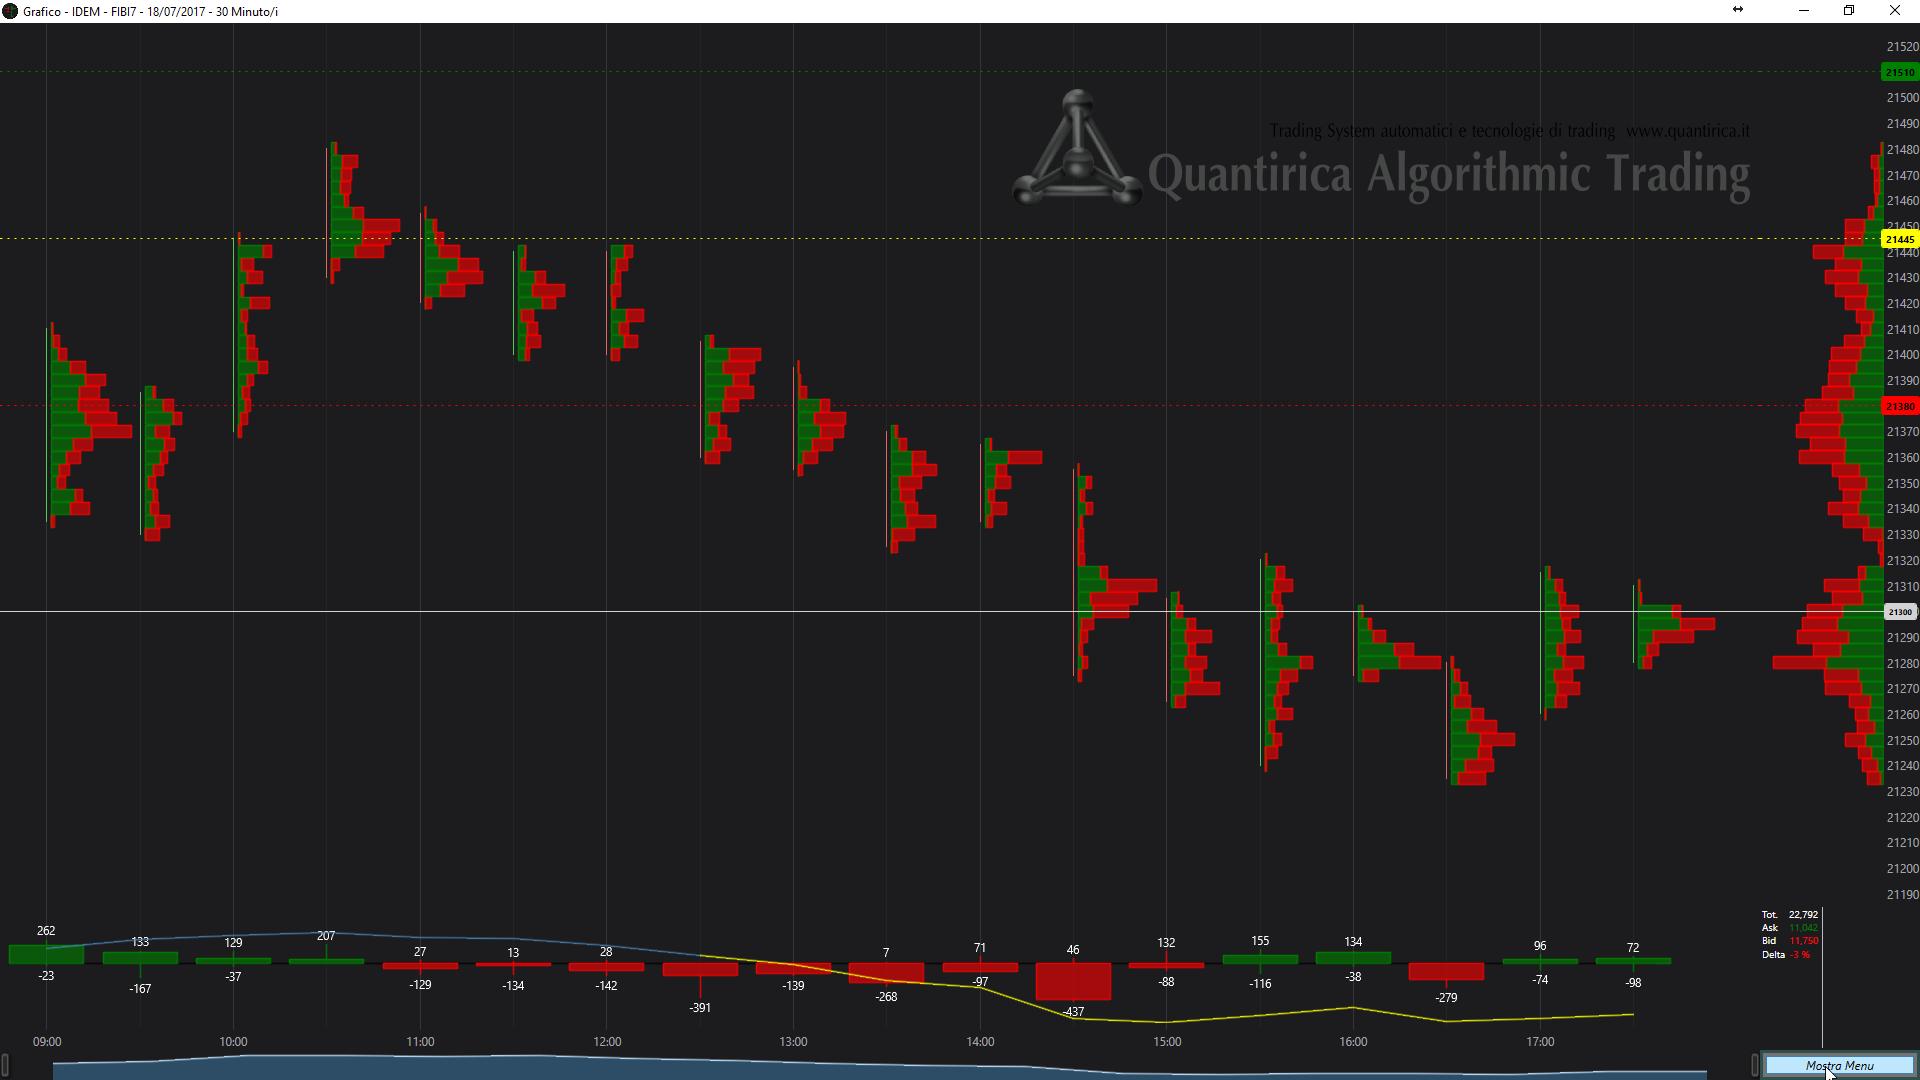 Analisi dei flussi di trading intraday e profilo di volume sugli ordini